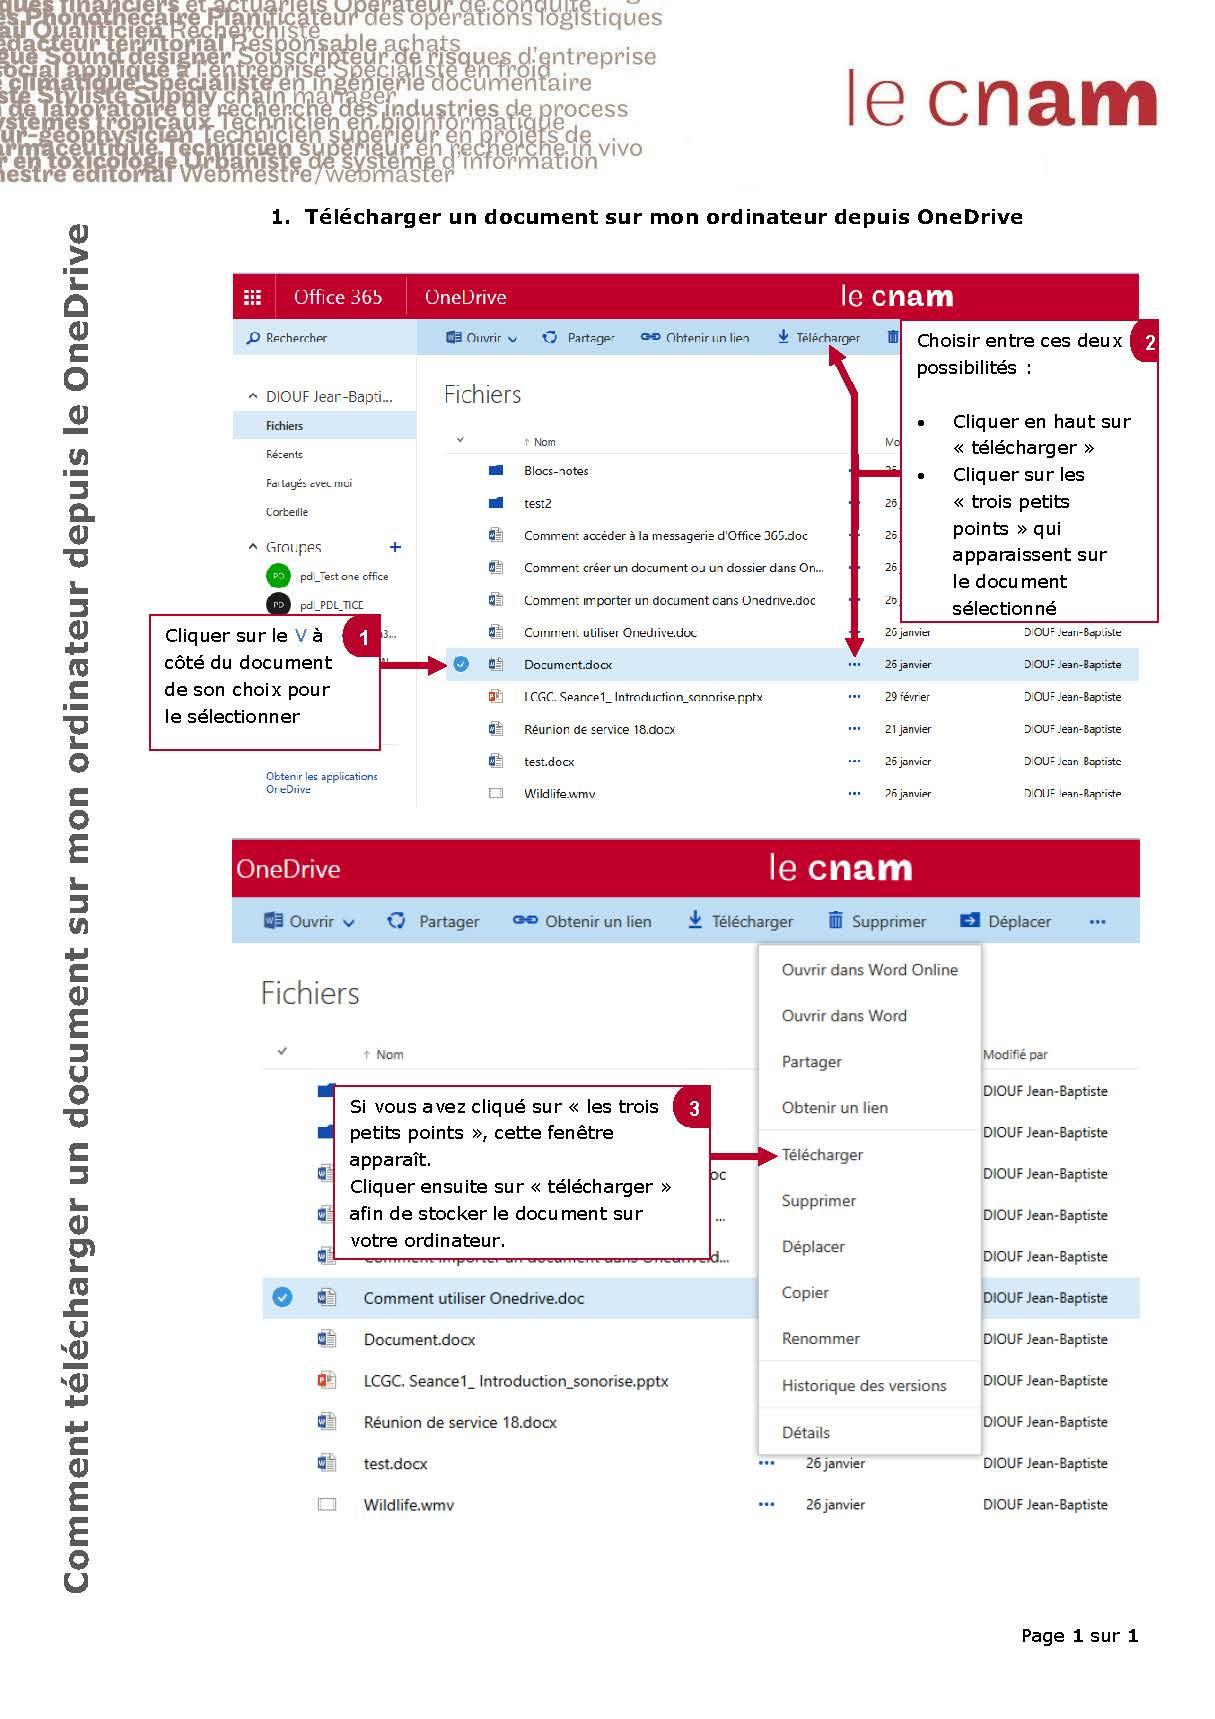 Comment télécharger un document sur mon ordinateur depuis le OneDrive